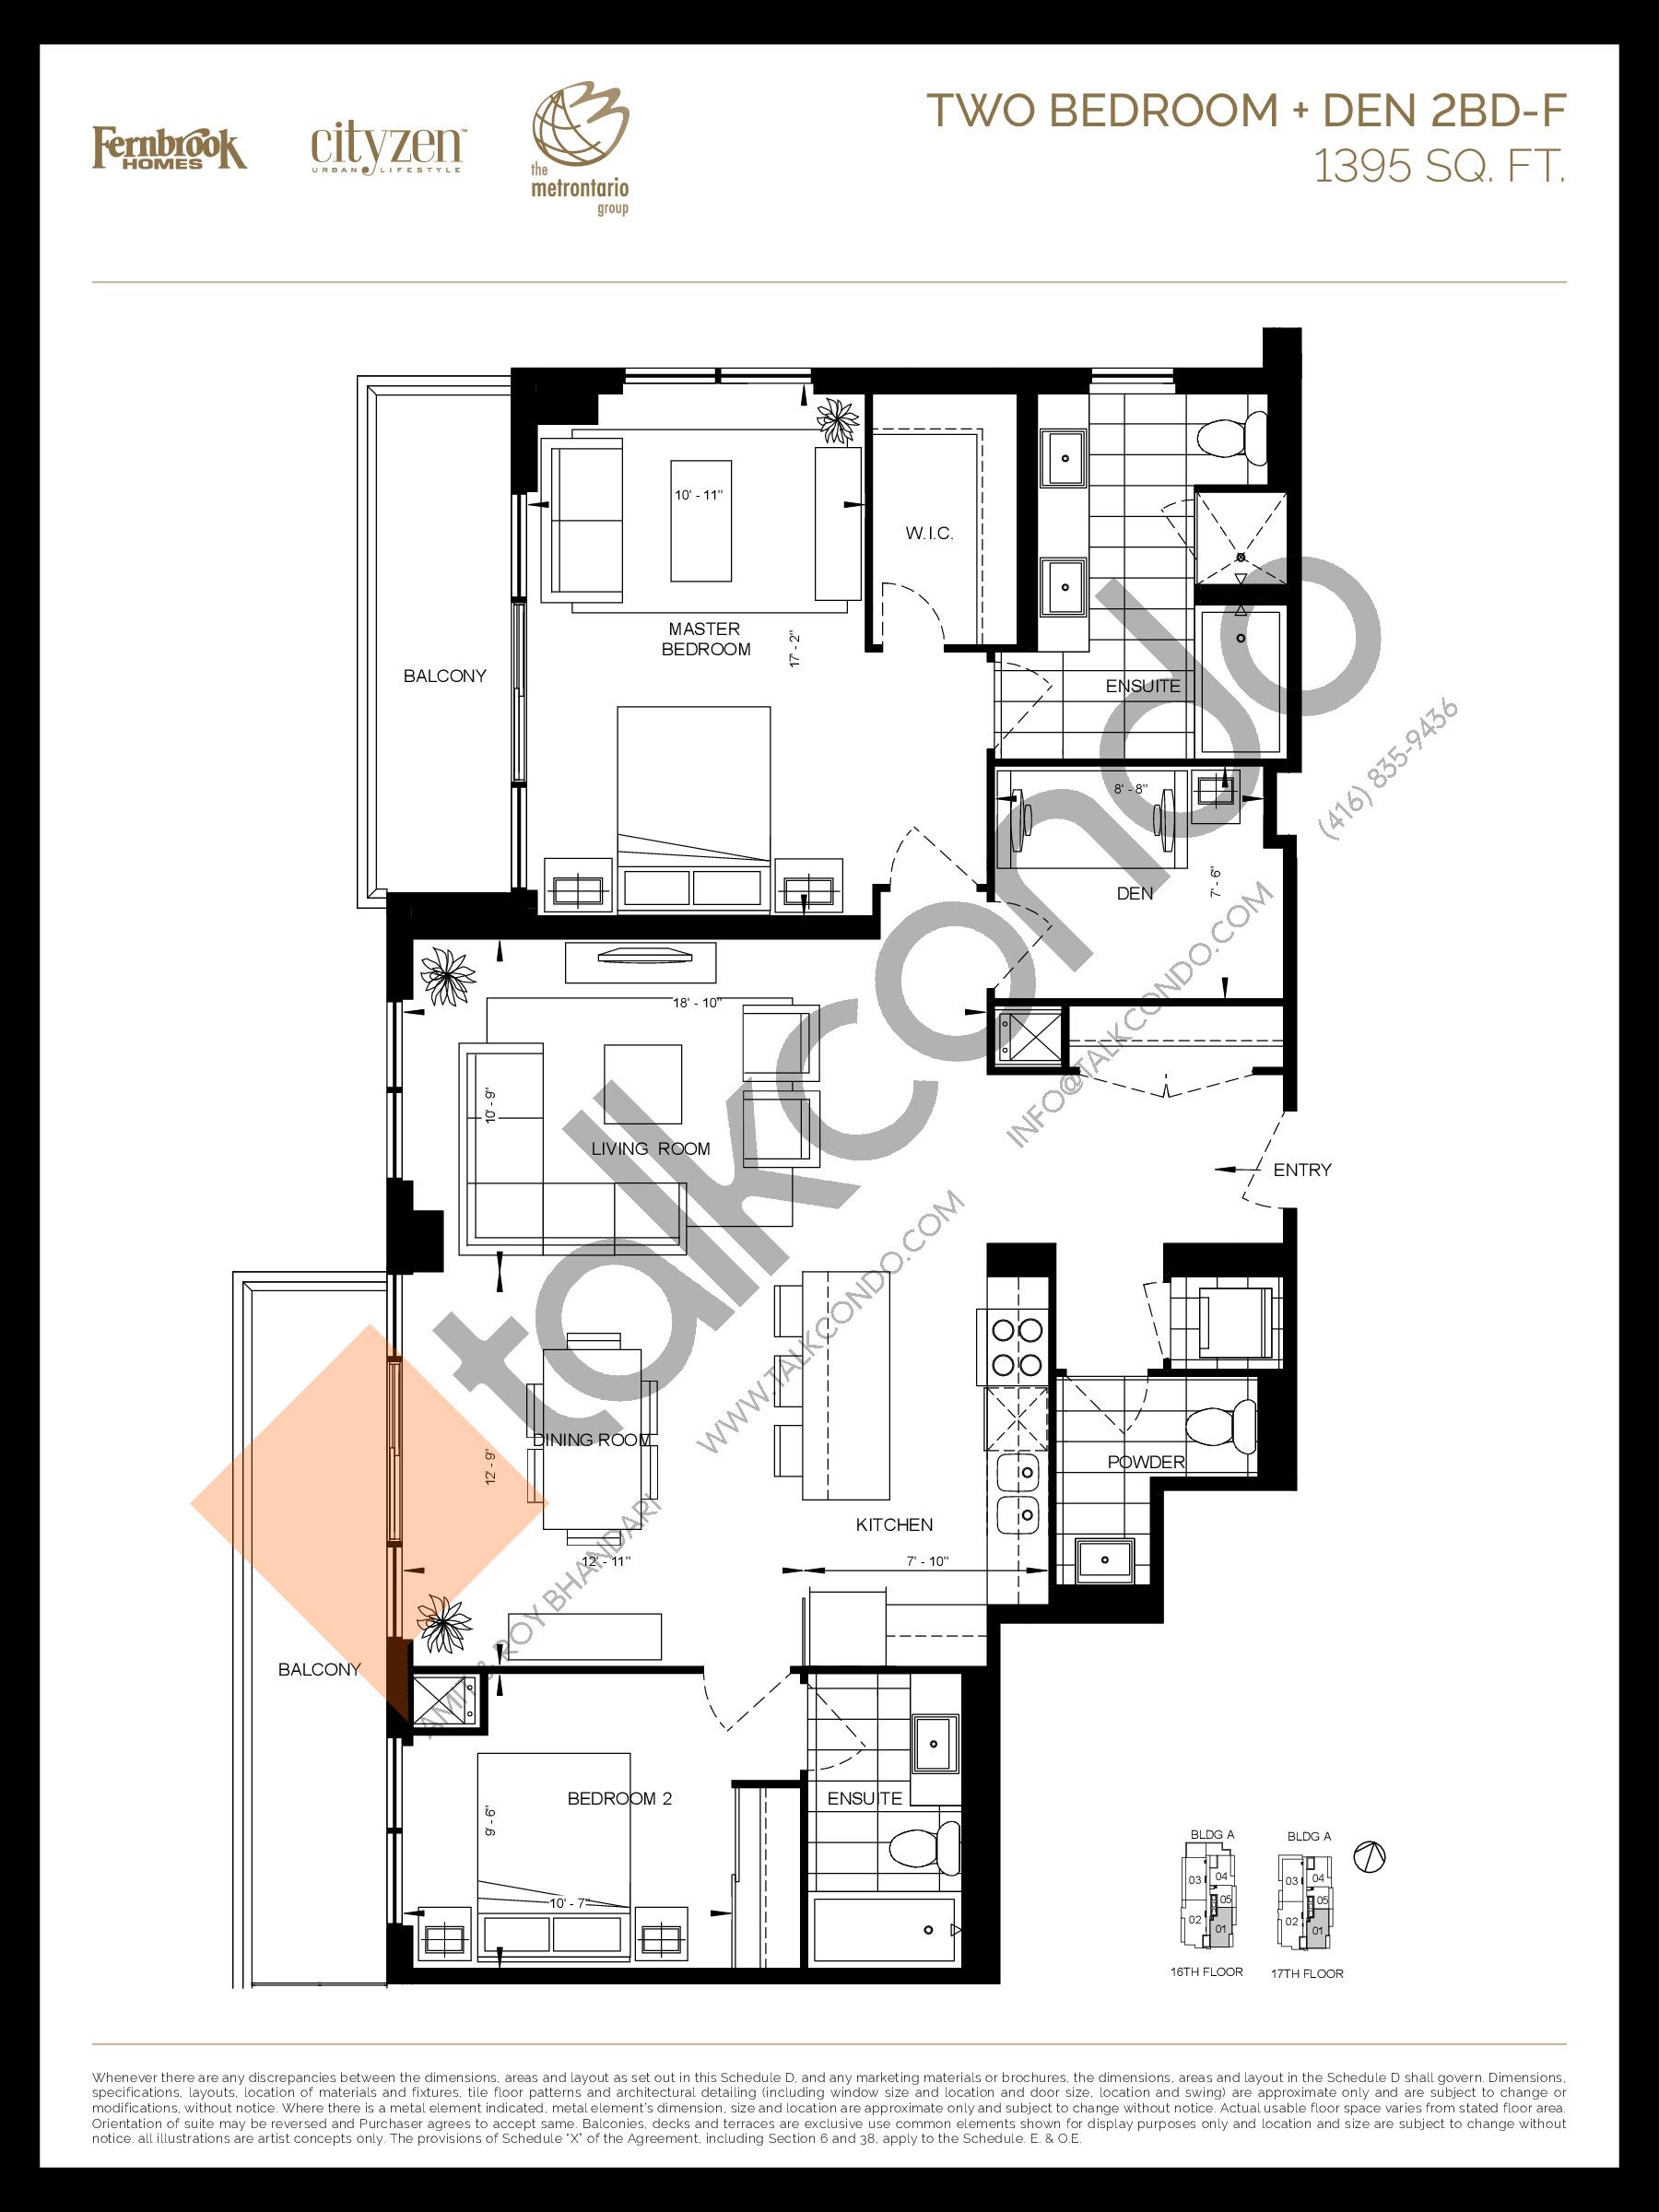 2BD-F Floor Plan at D'or Condos - 1395 sq.ft